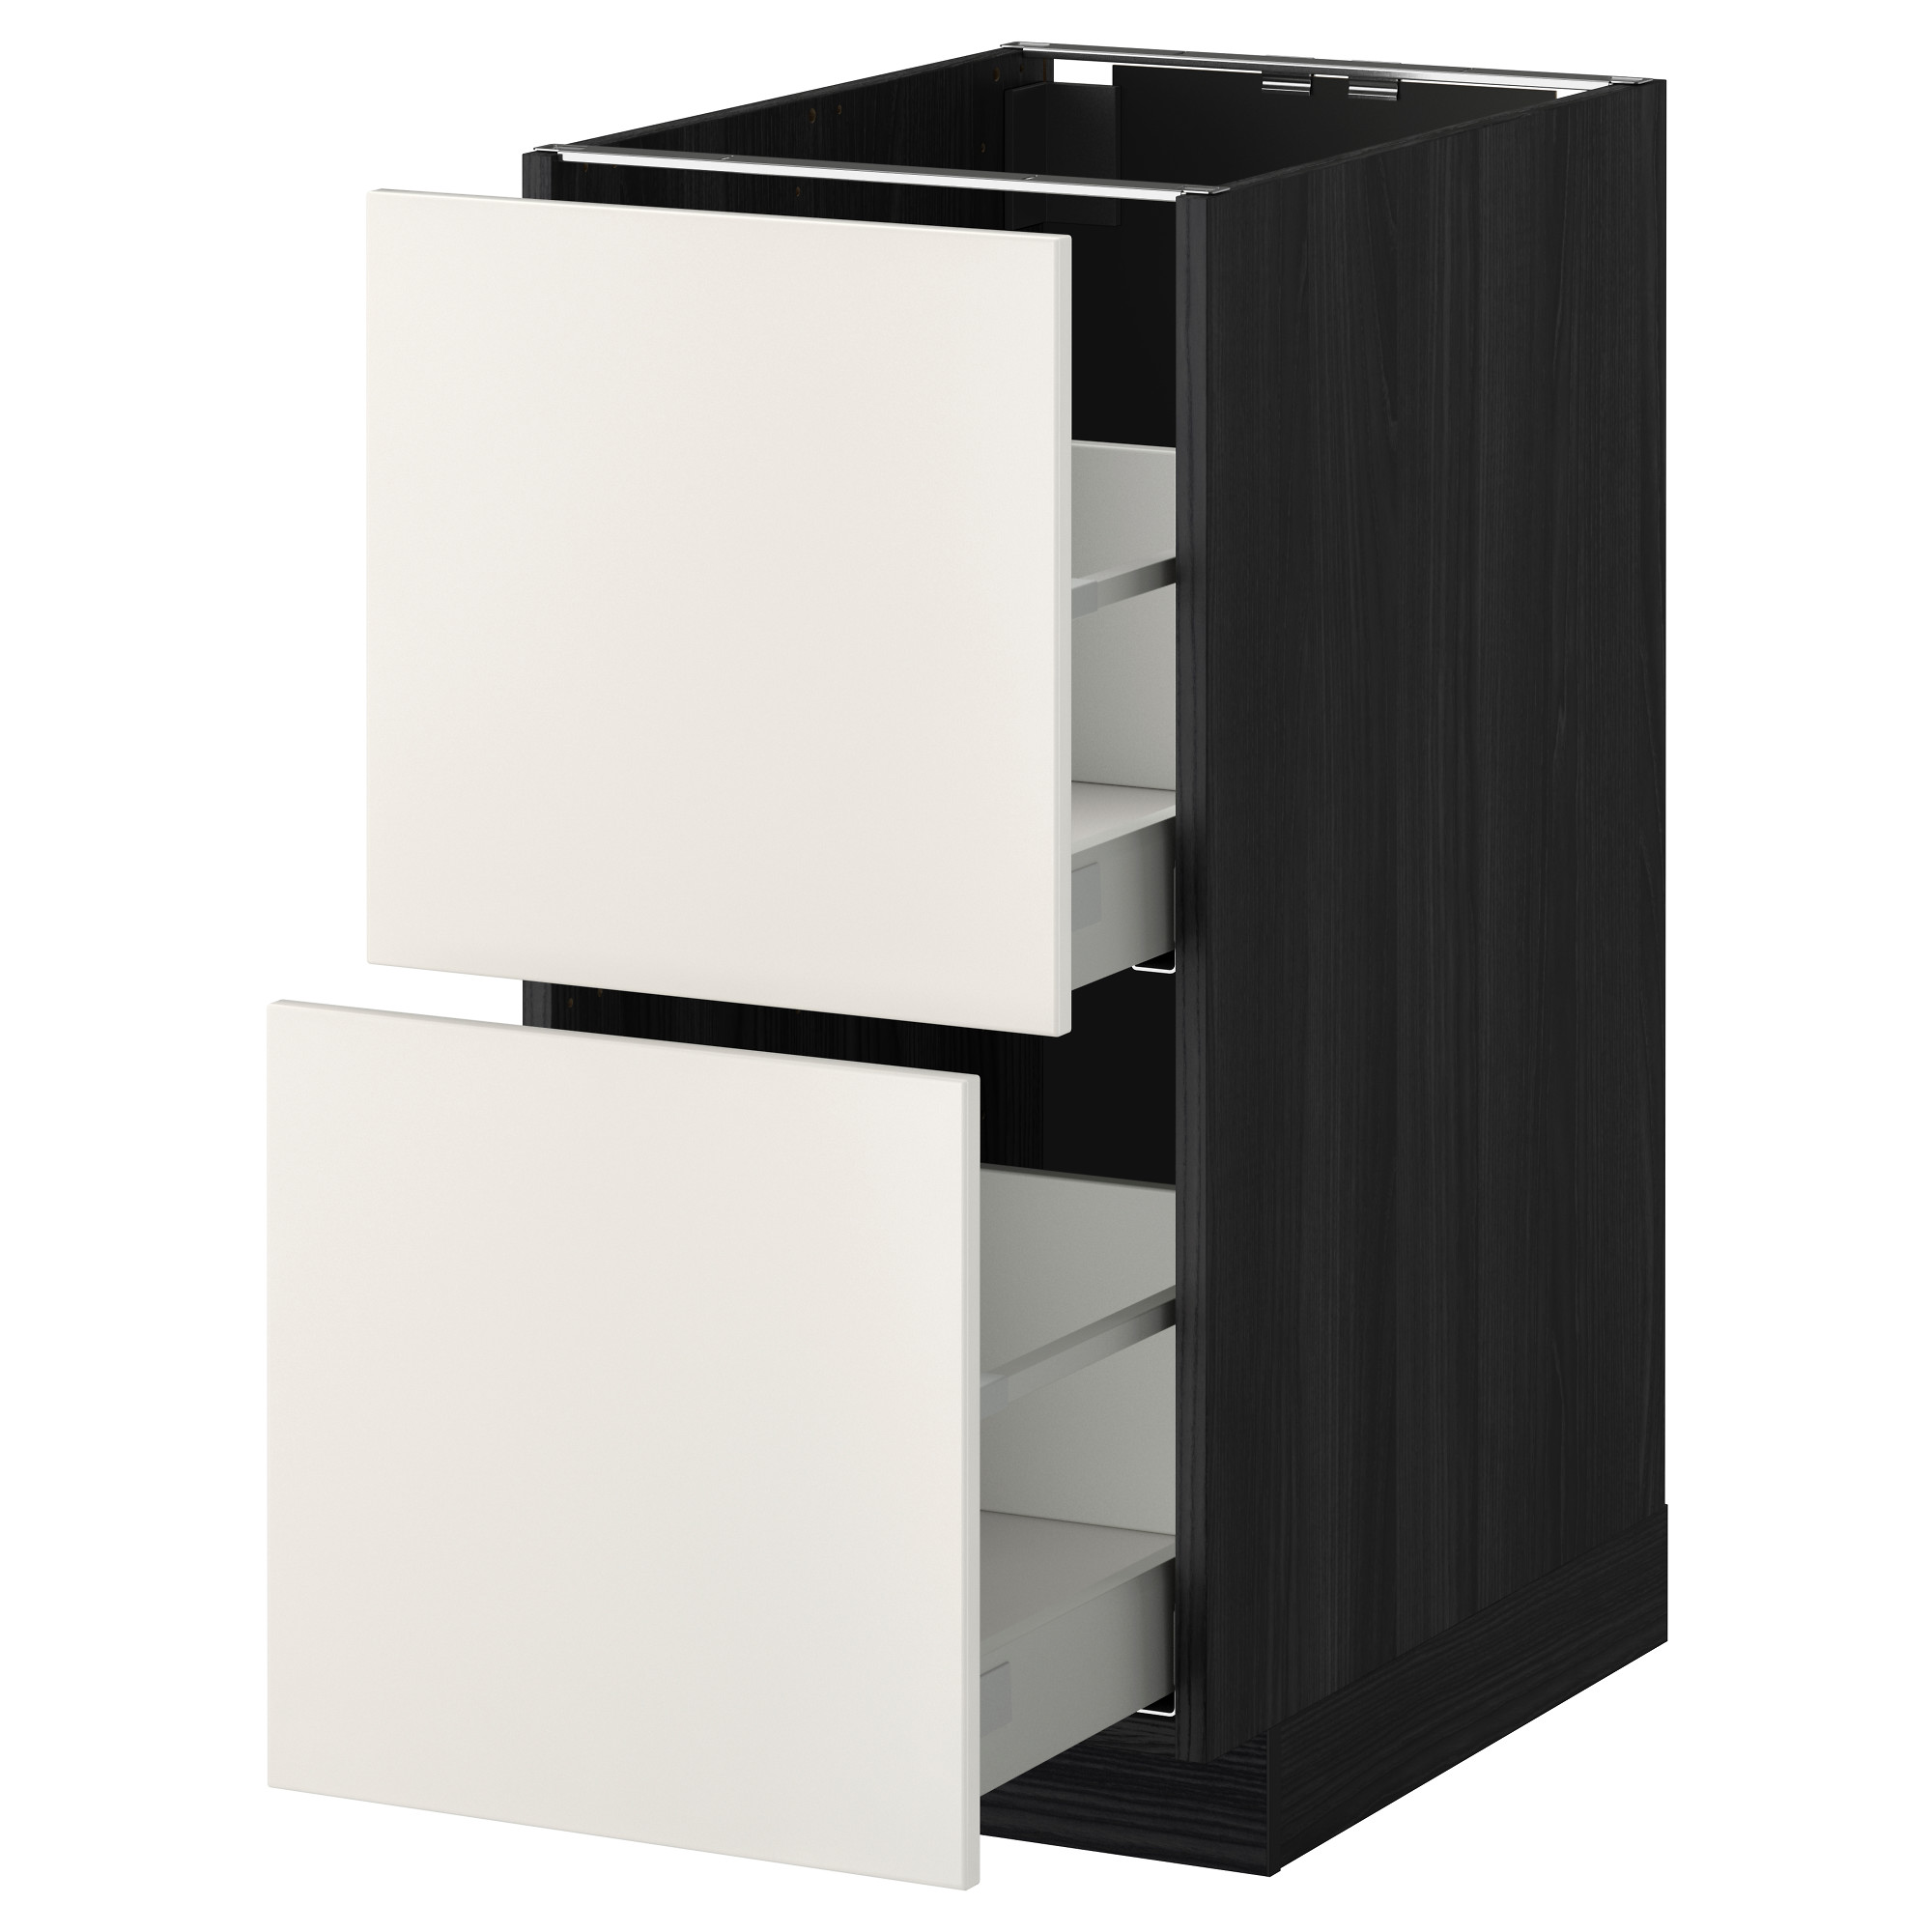 Напольный шкаф 2 форнтальных, 2 высоких ящик МЕТОД / МАКСИМЕРА черный артикуль № 892.338.31 в наличии. Онлайн каталог IKEA РБ. Быстрая доставка и установка.